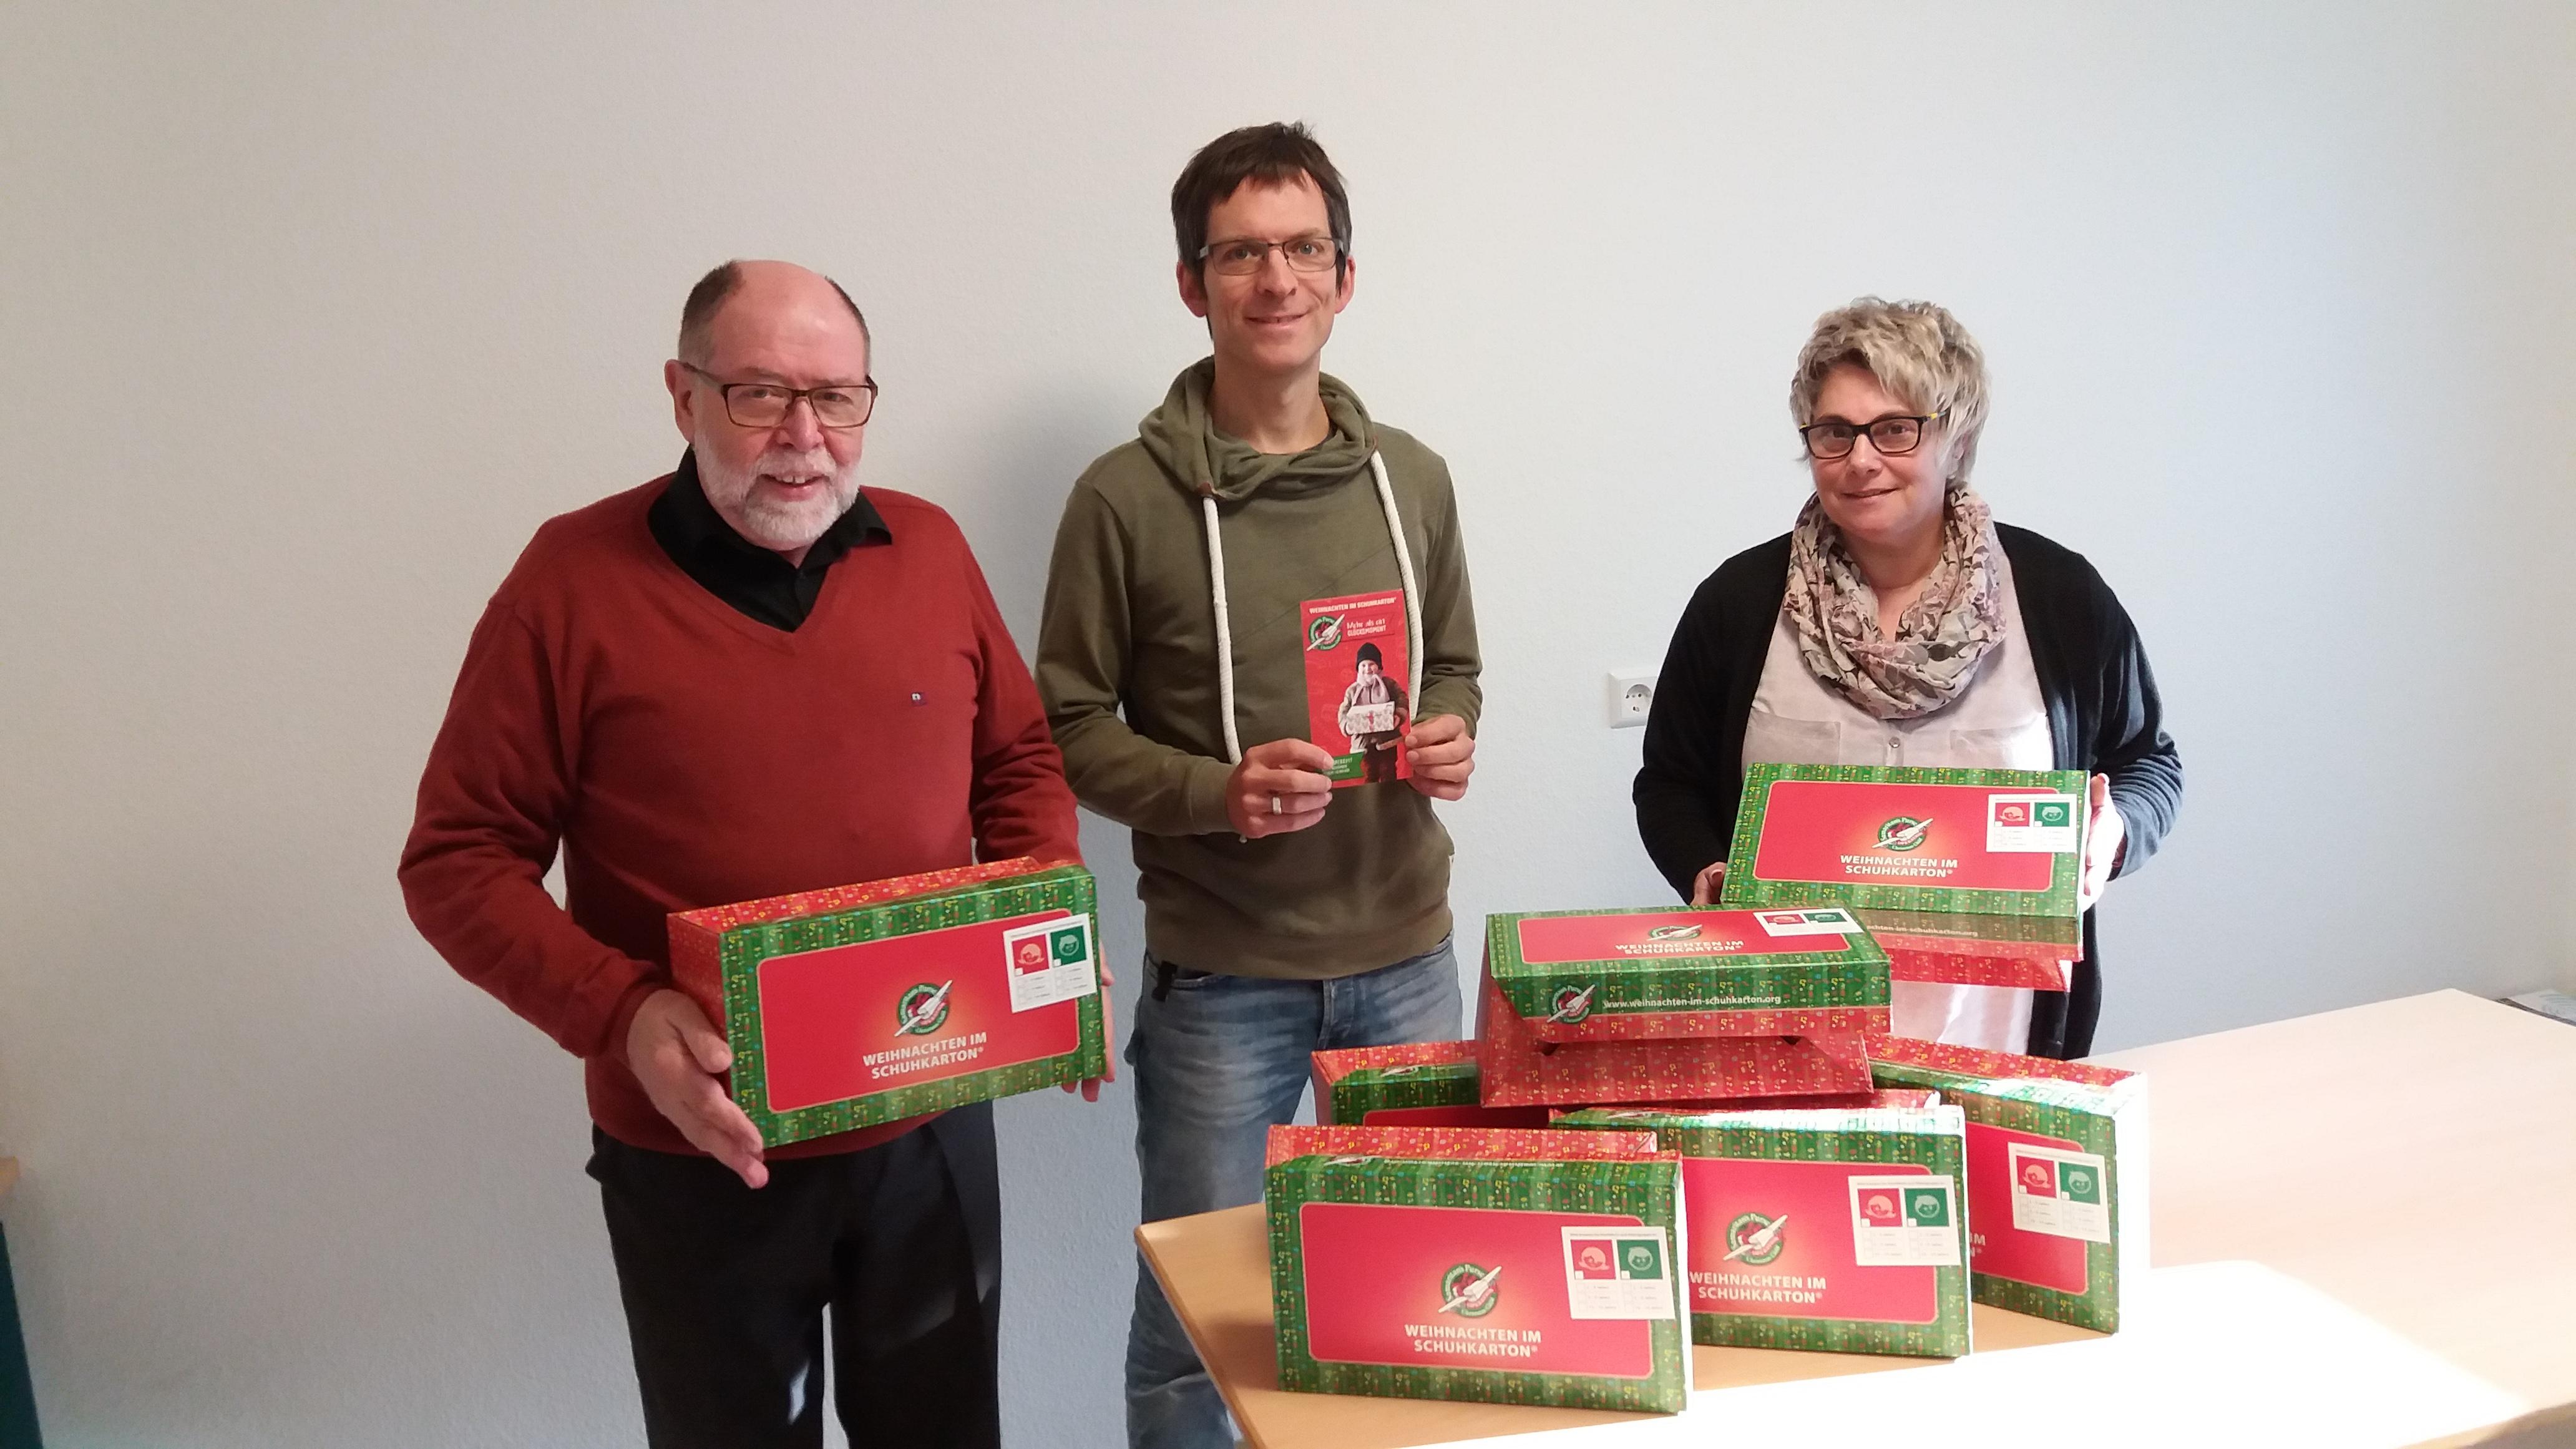 Weihnachten Im Schuhkarton Org.Weihnachten Im Schuhkarton Von Schwäbisch Gmünd In Die Ukraine